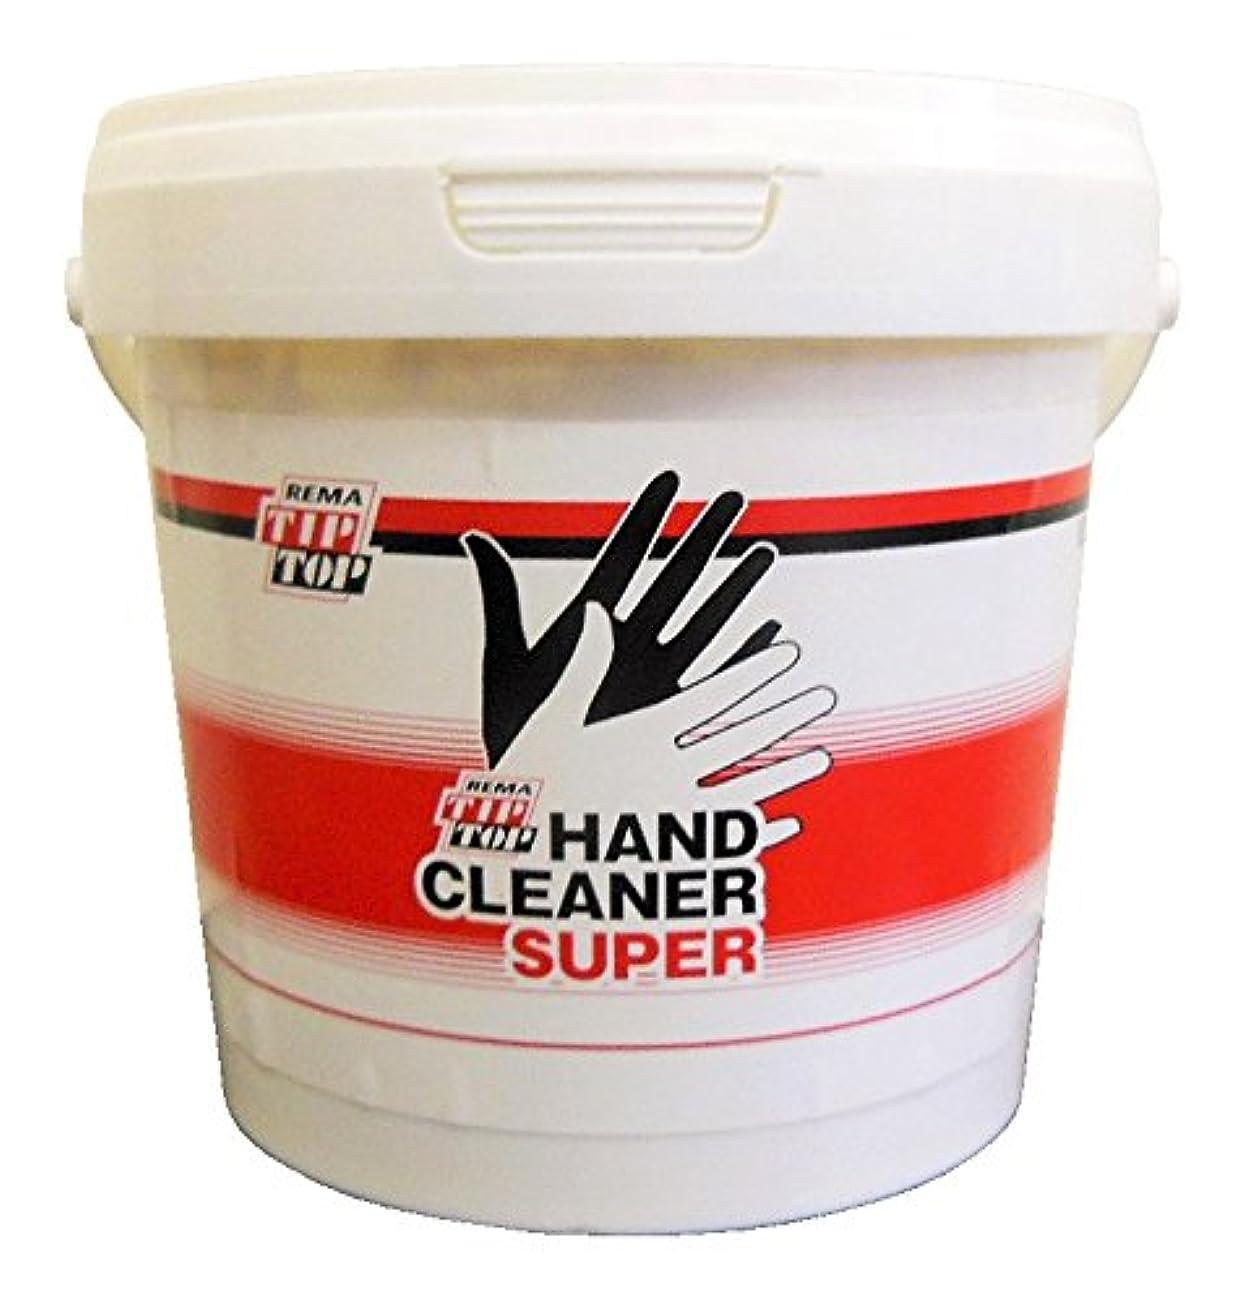 粘土フランクワースリーためらうTIPTOP(チップトップ) ハンドクリーナー HAND CLEANER SUPER 1L H-051